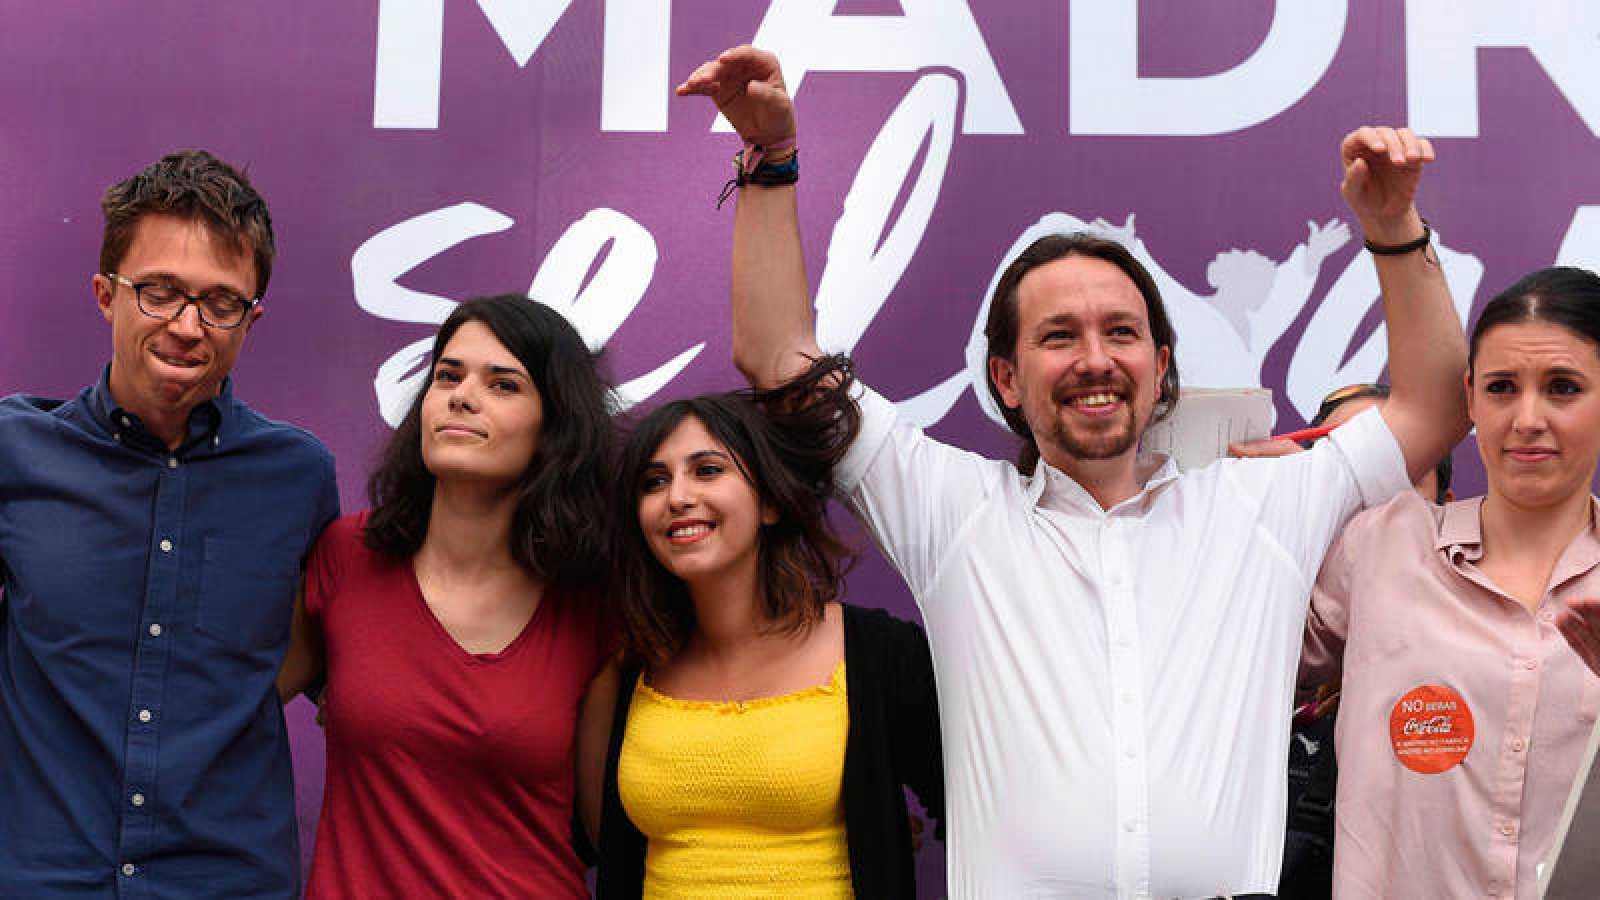 Acto de Podemos 'Madrid se levanta' el 2 de mayo de 2018.